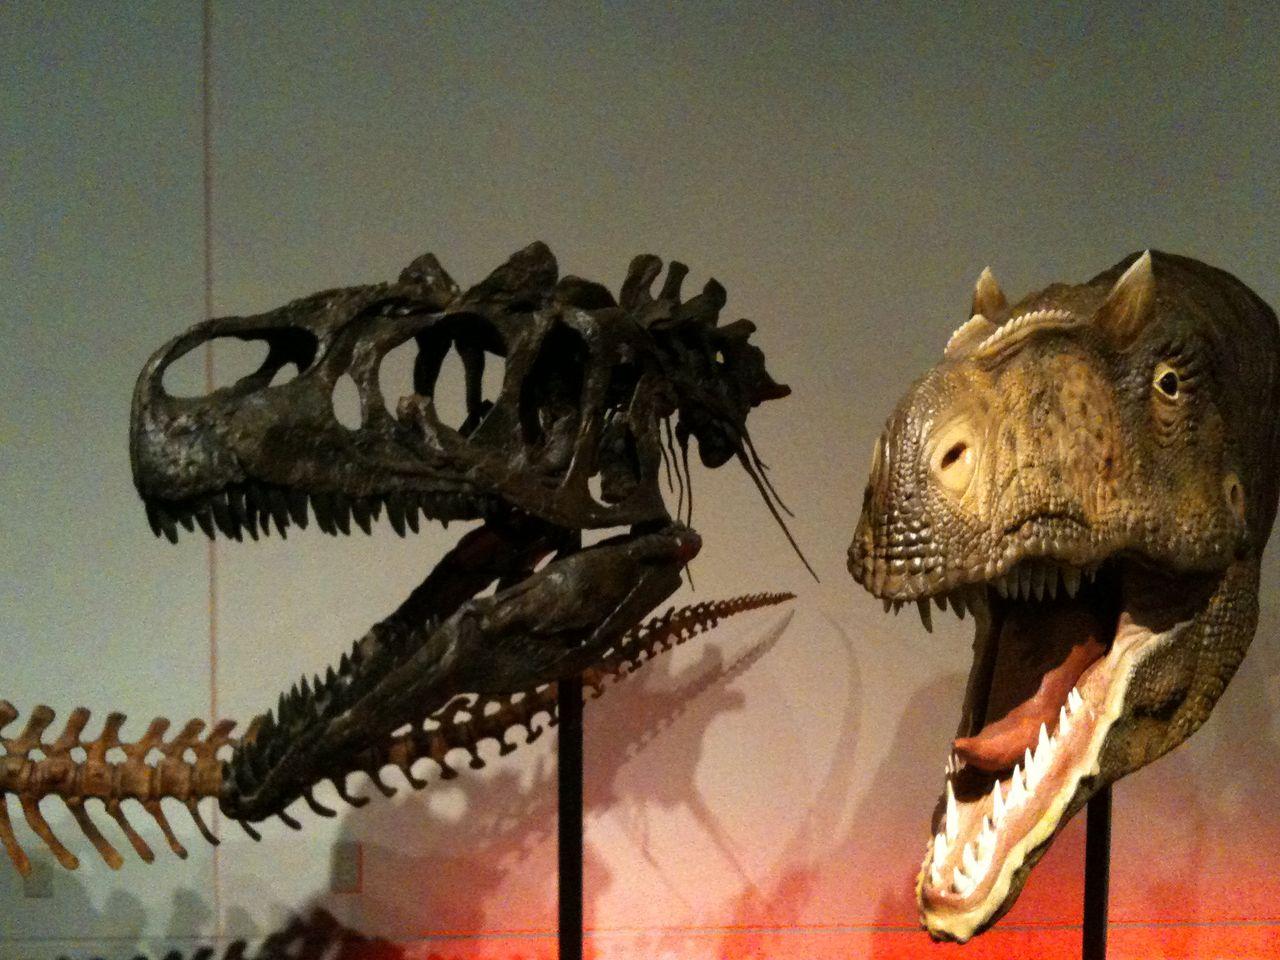 アロサウルス いいですね、アロサウルス。喧嘩っ早い感じが出ています。ジュラ紀後期の北ア... 寝